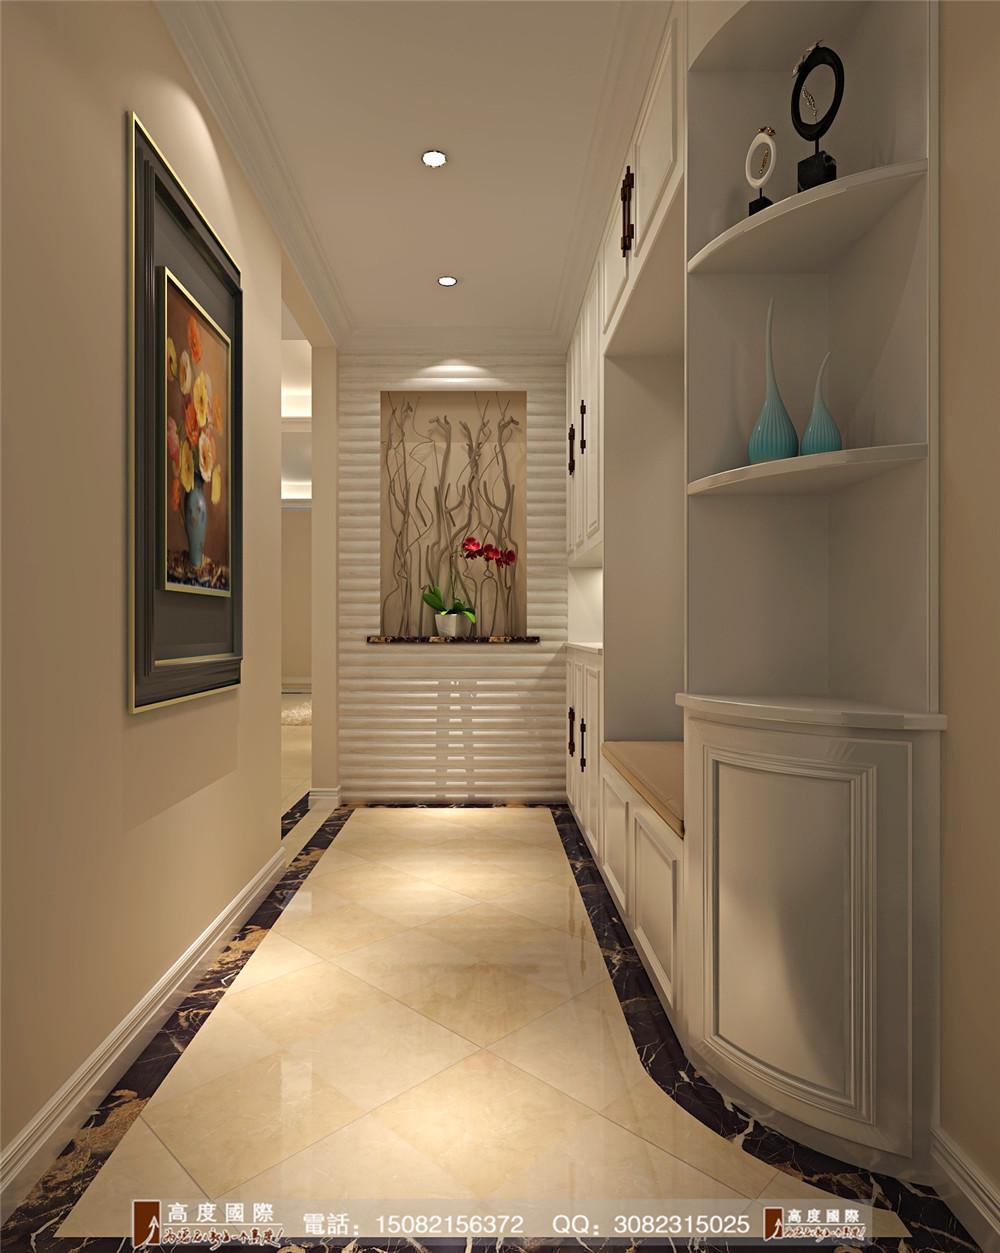 高度国际 新房装修 成都装修 现代风格 玄关图片来自成都高端别墅装修瑞瑞在现代简约感----高度国际装饰设计的分享